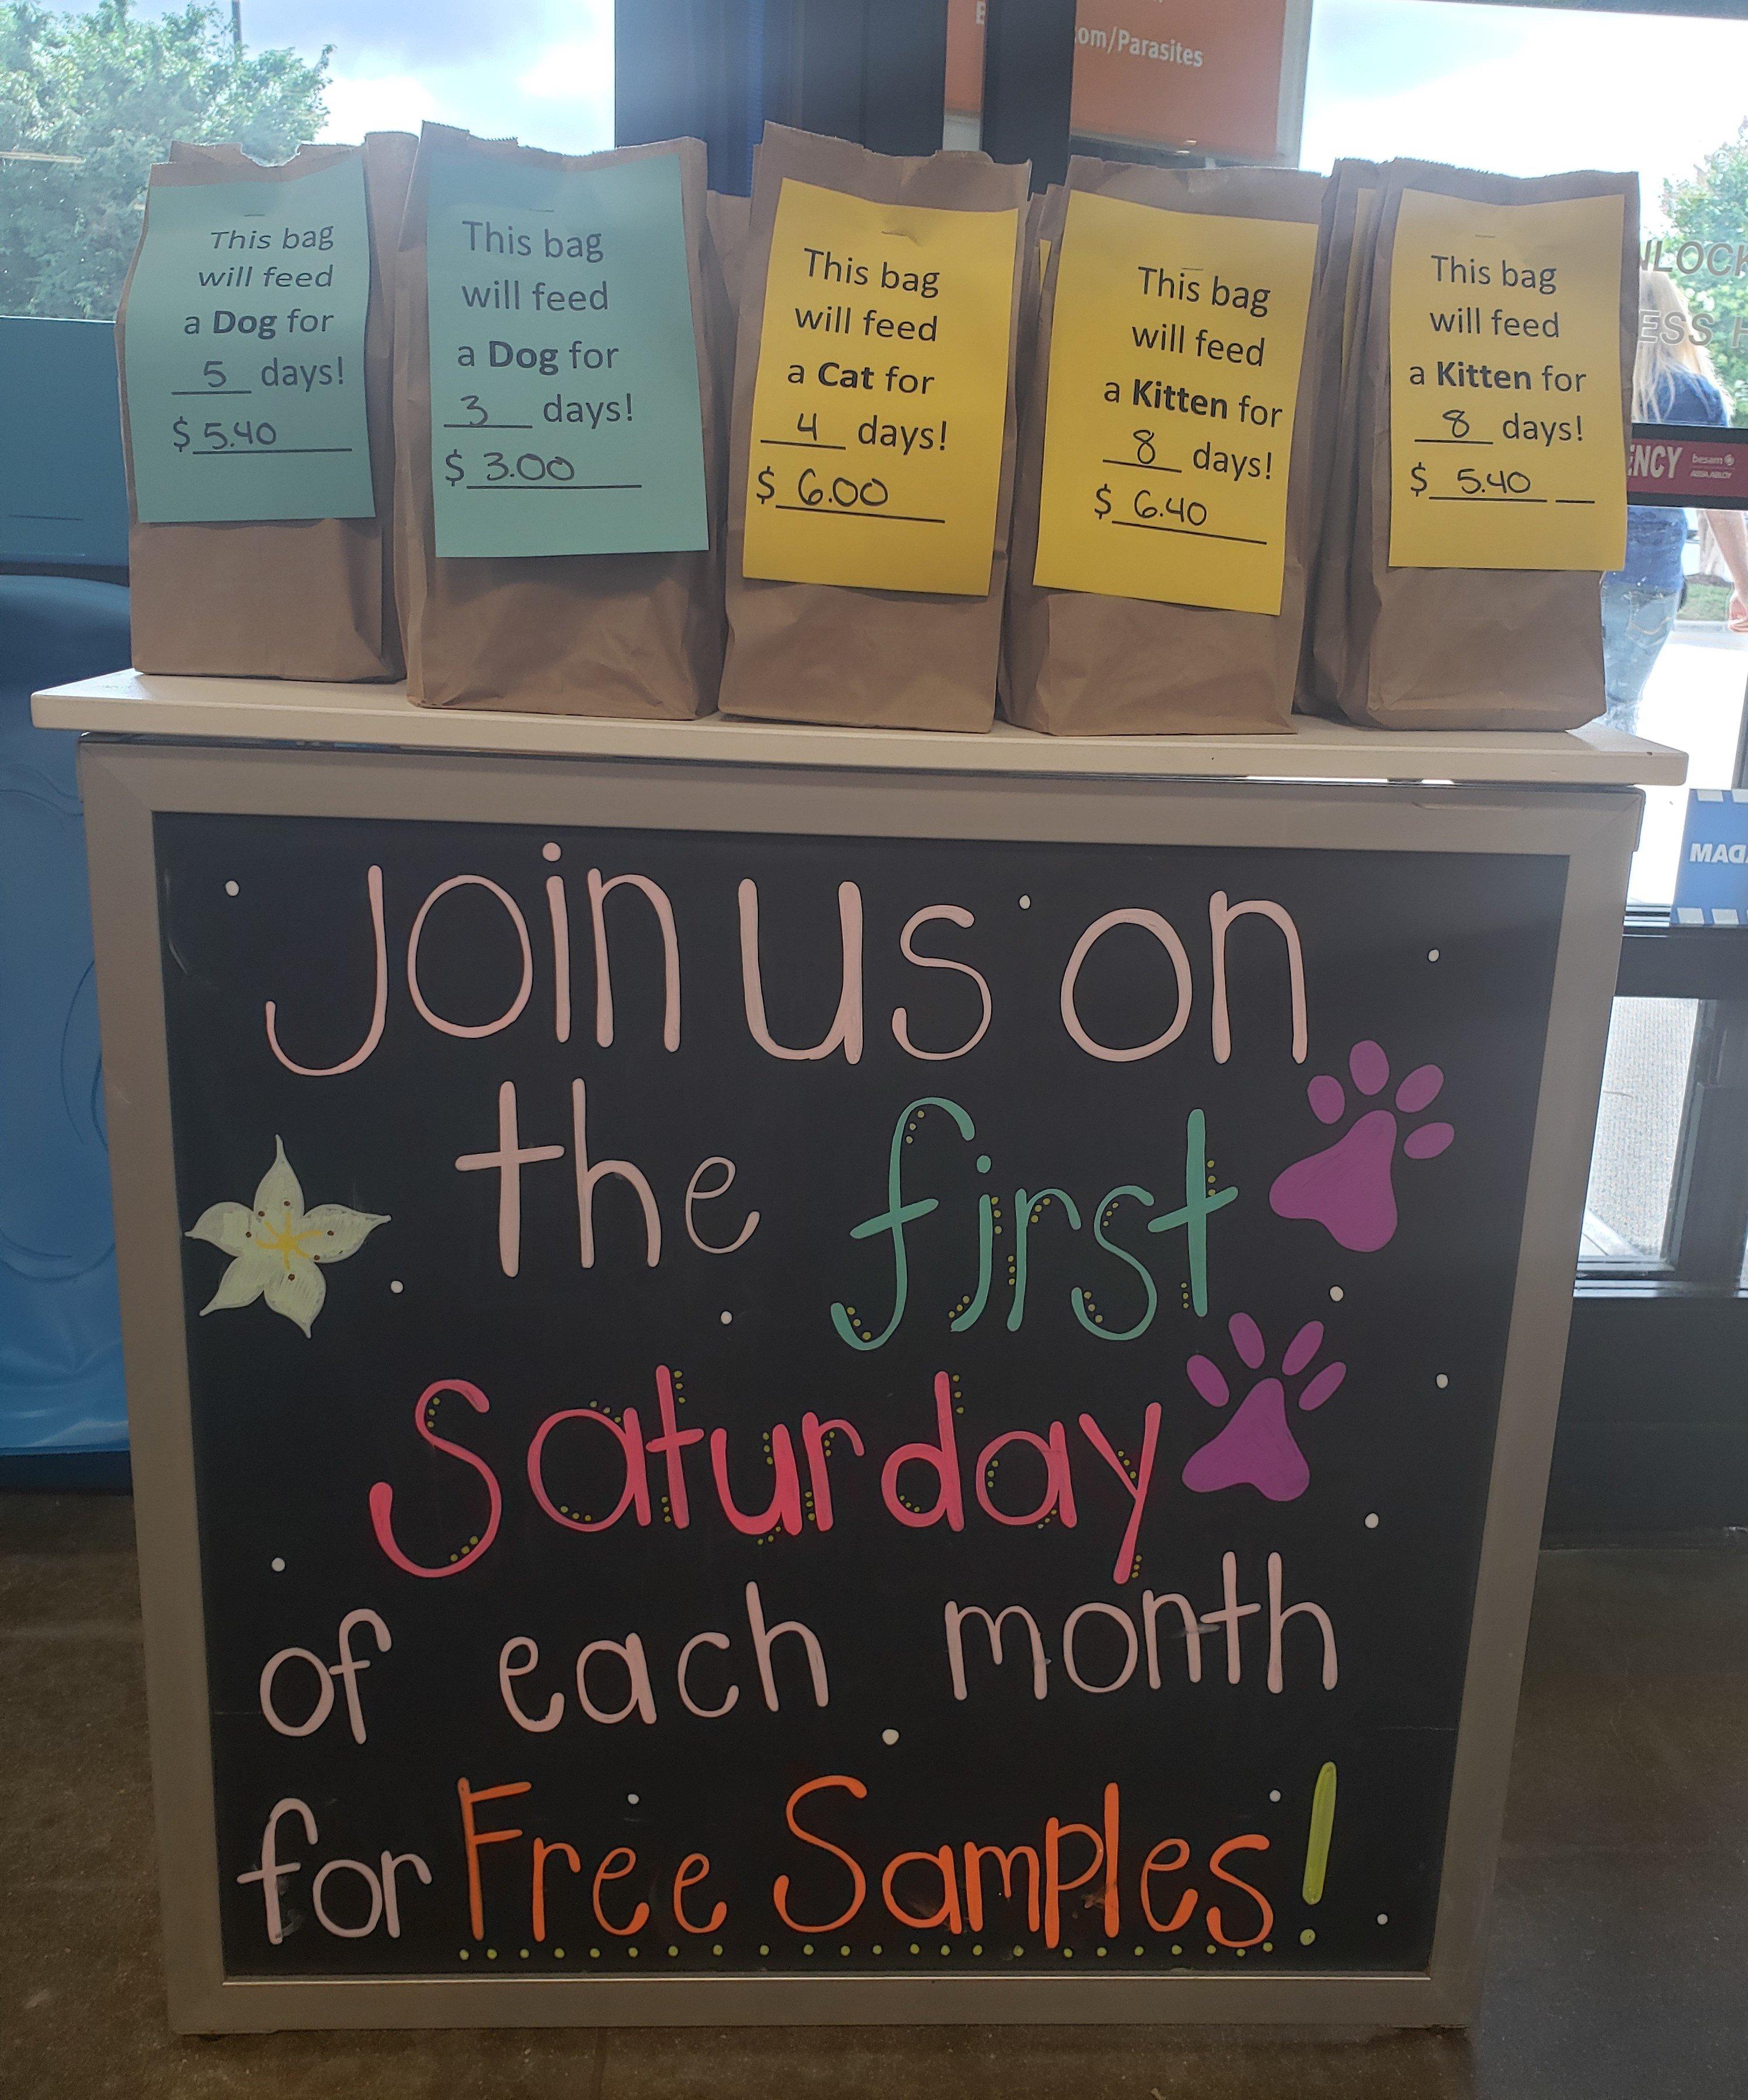 Sample Saturdays at PetSmart